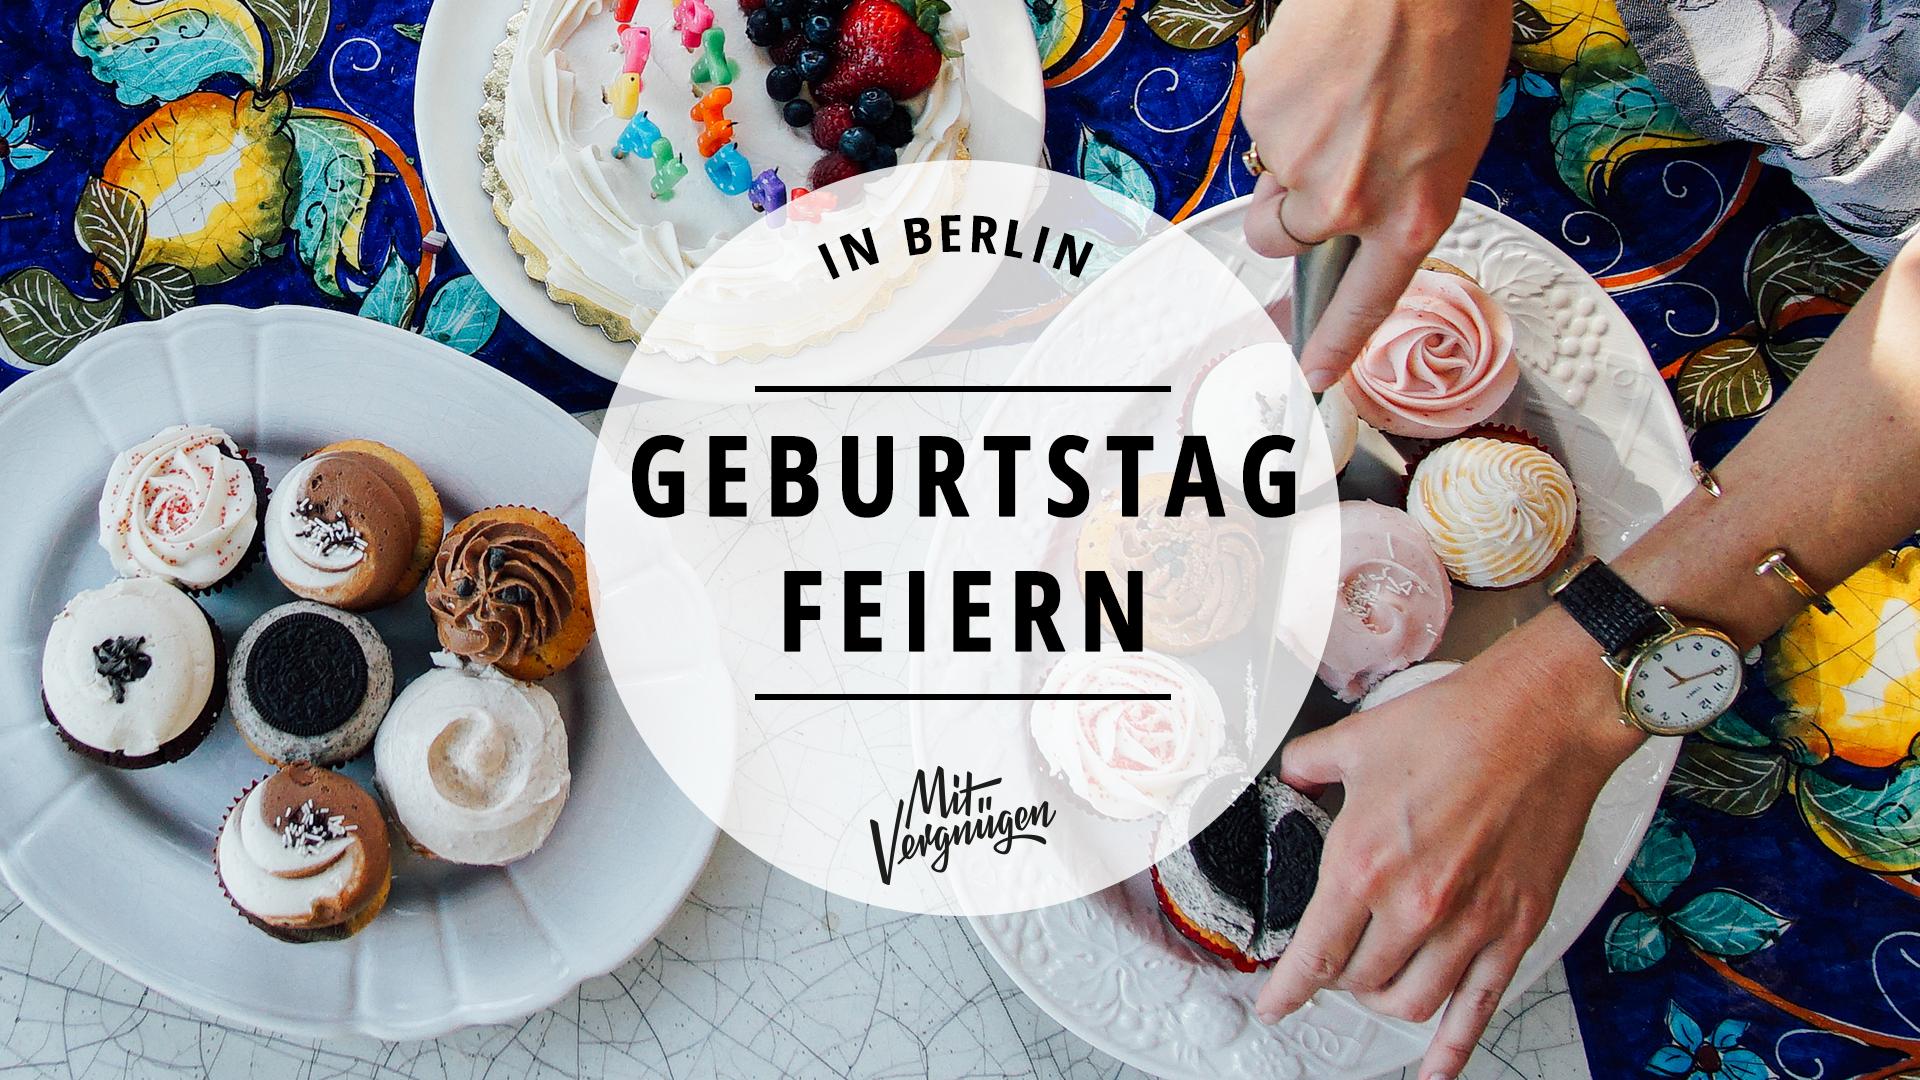 Geburtstag unternehmen berlin